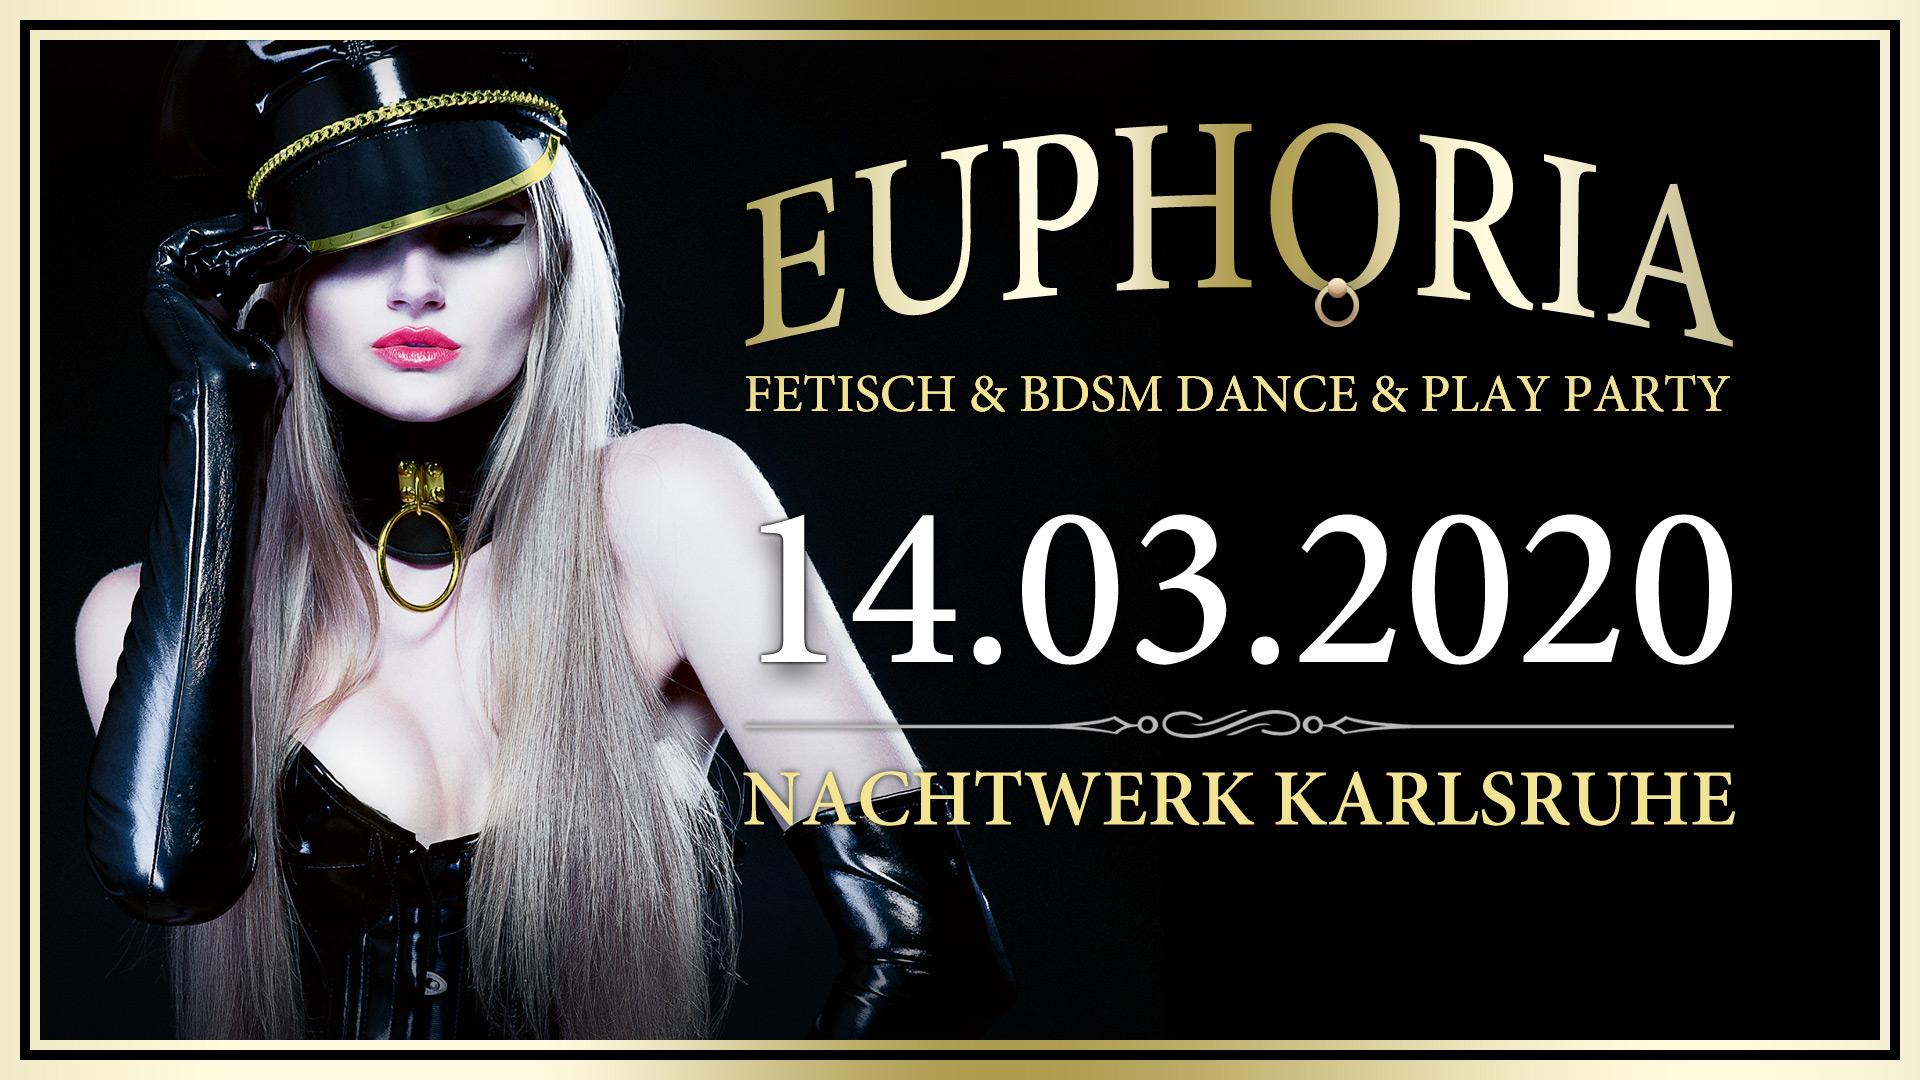 EUPHORIA » Die Fetisch und BDSM Dance & Play Party in Karlsruhe von und mit DJ Gillian